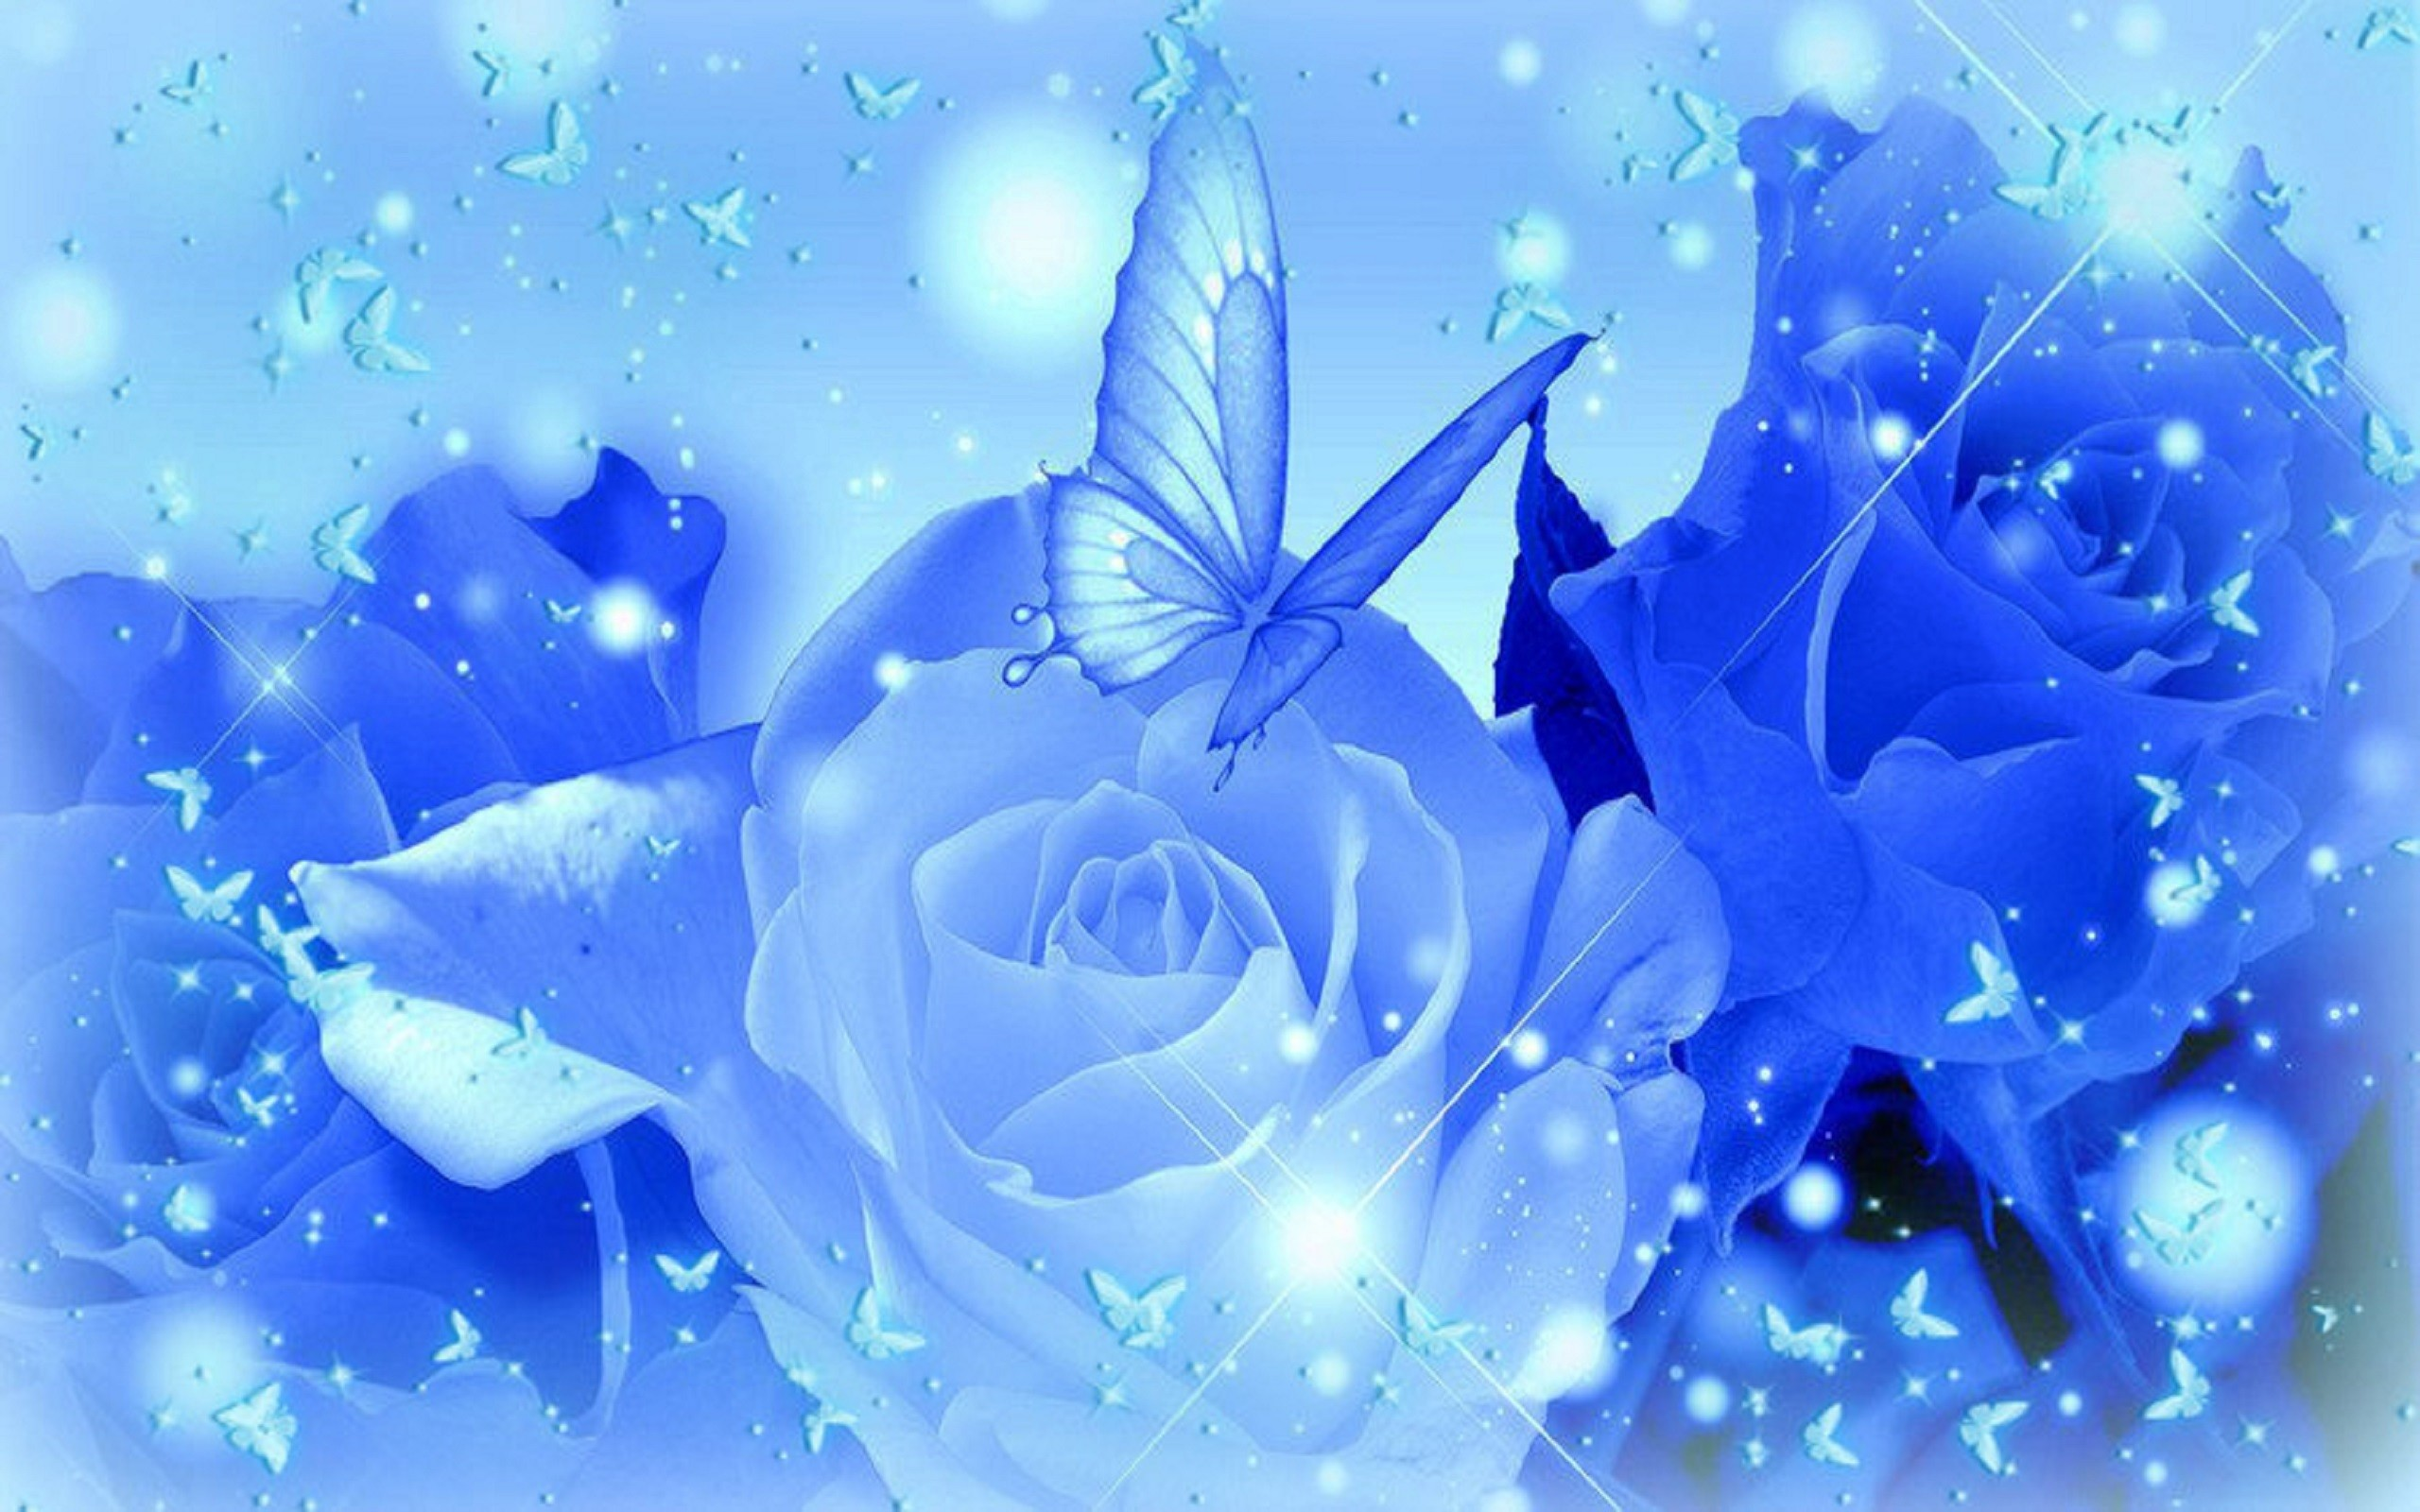 light blue roses wallpaper Widescreen Wallpaper